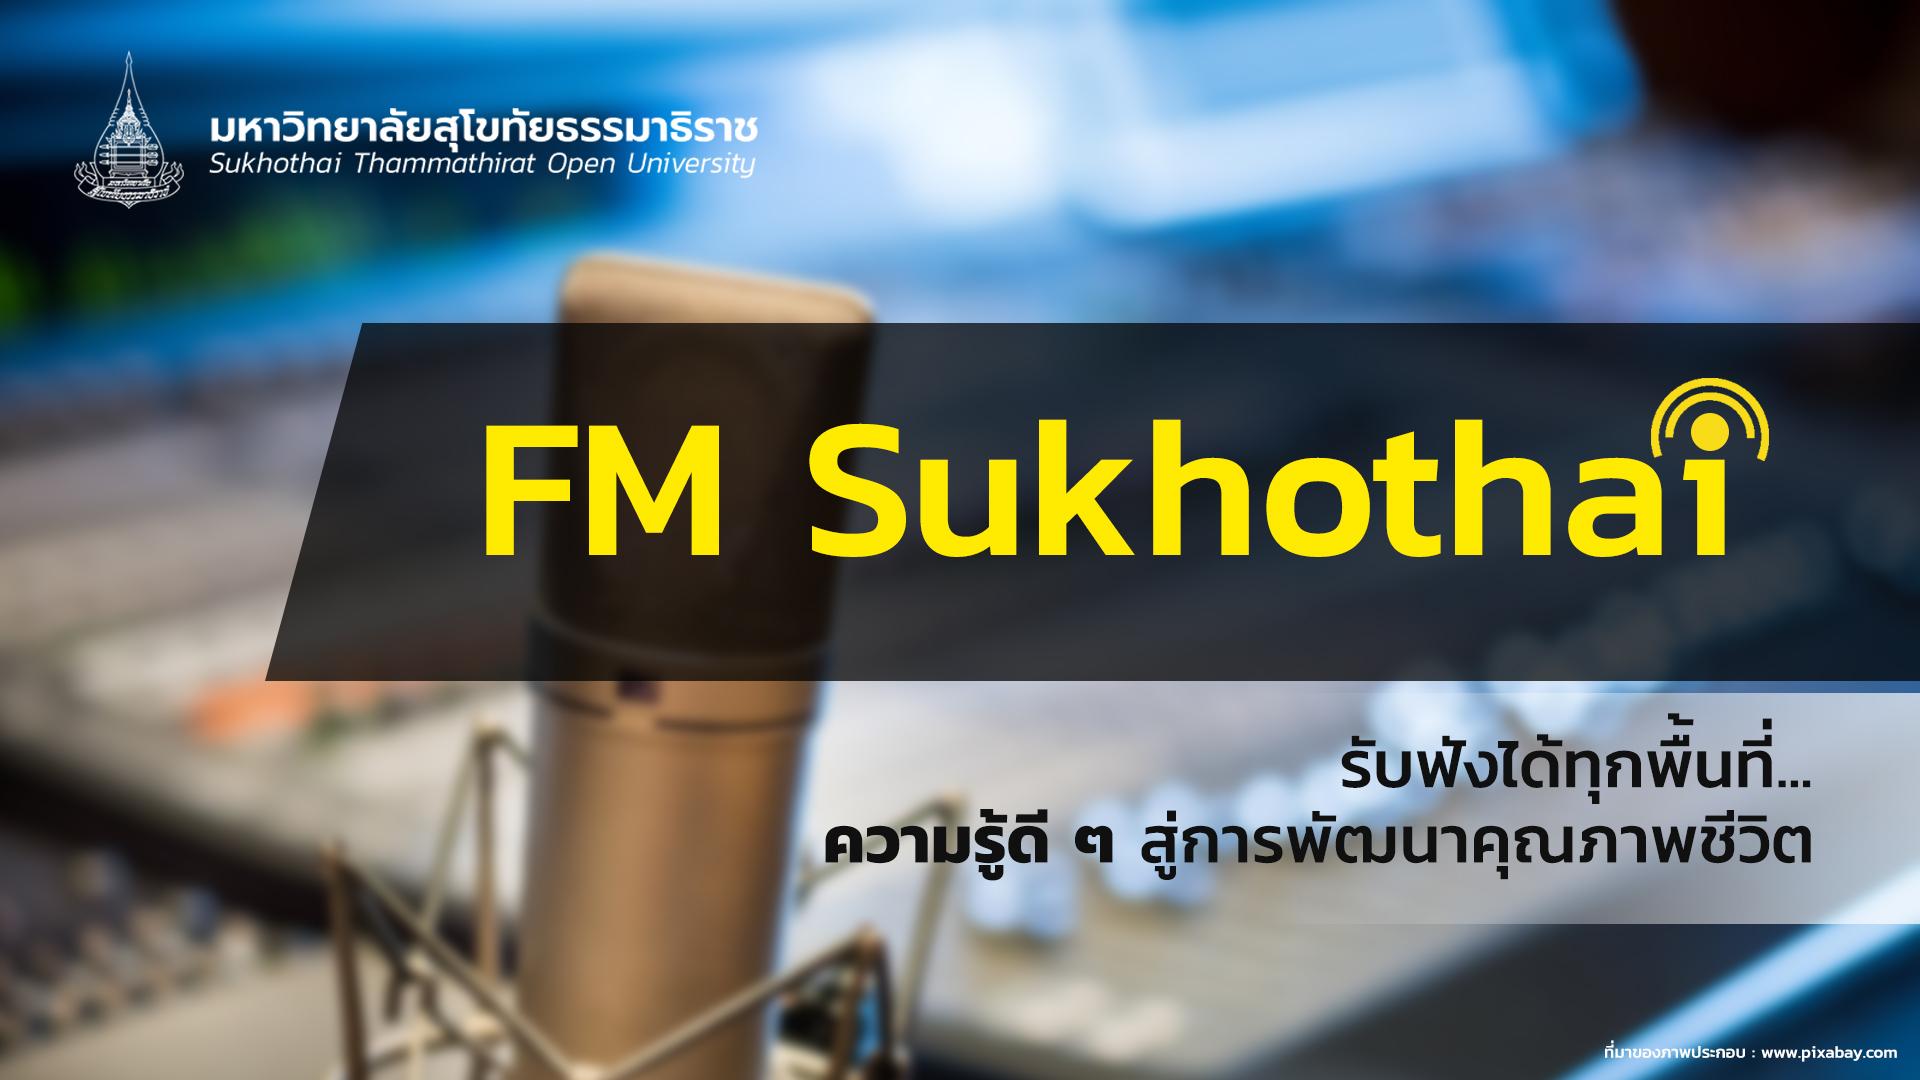 21323 การสอนกลุ่มทักษะ 1: ภาษาไทย รายการที่ 4